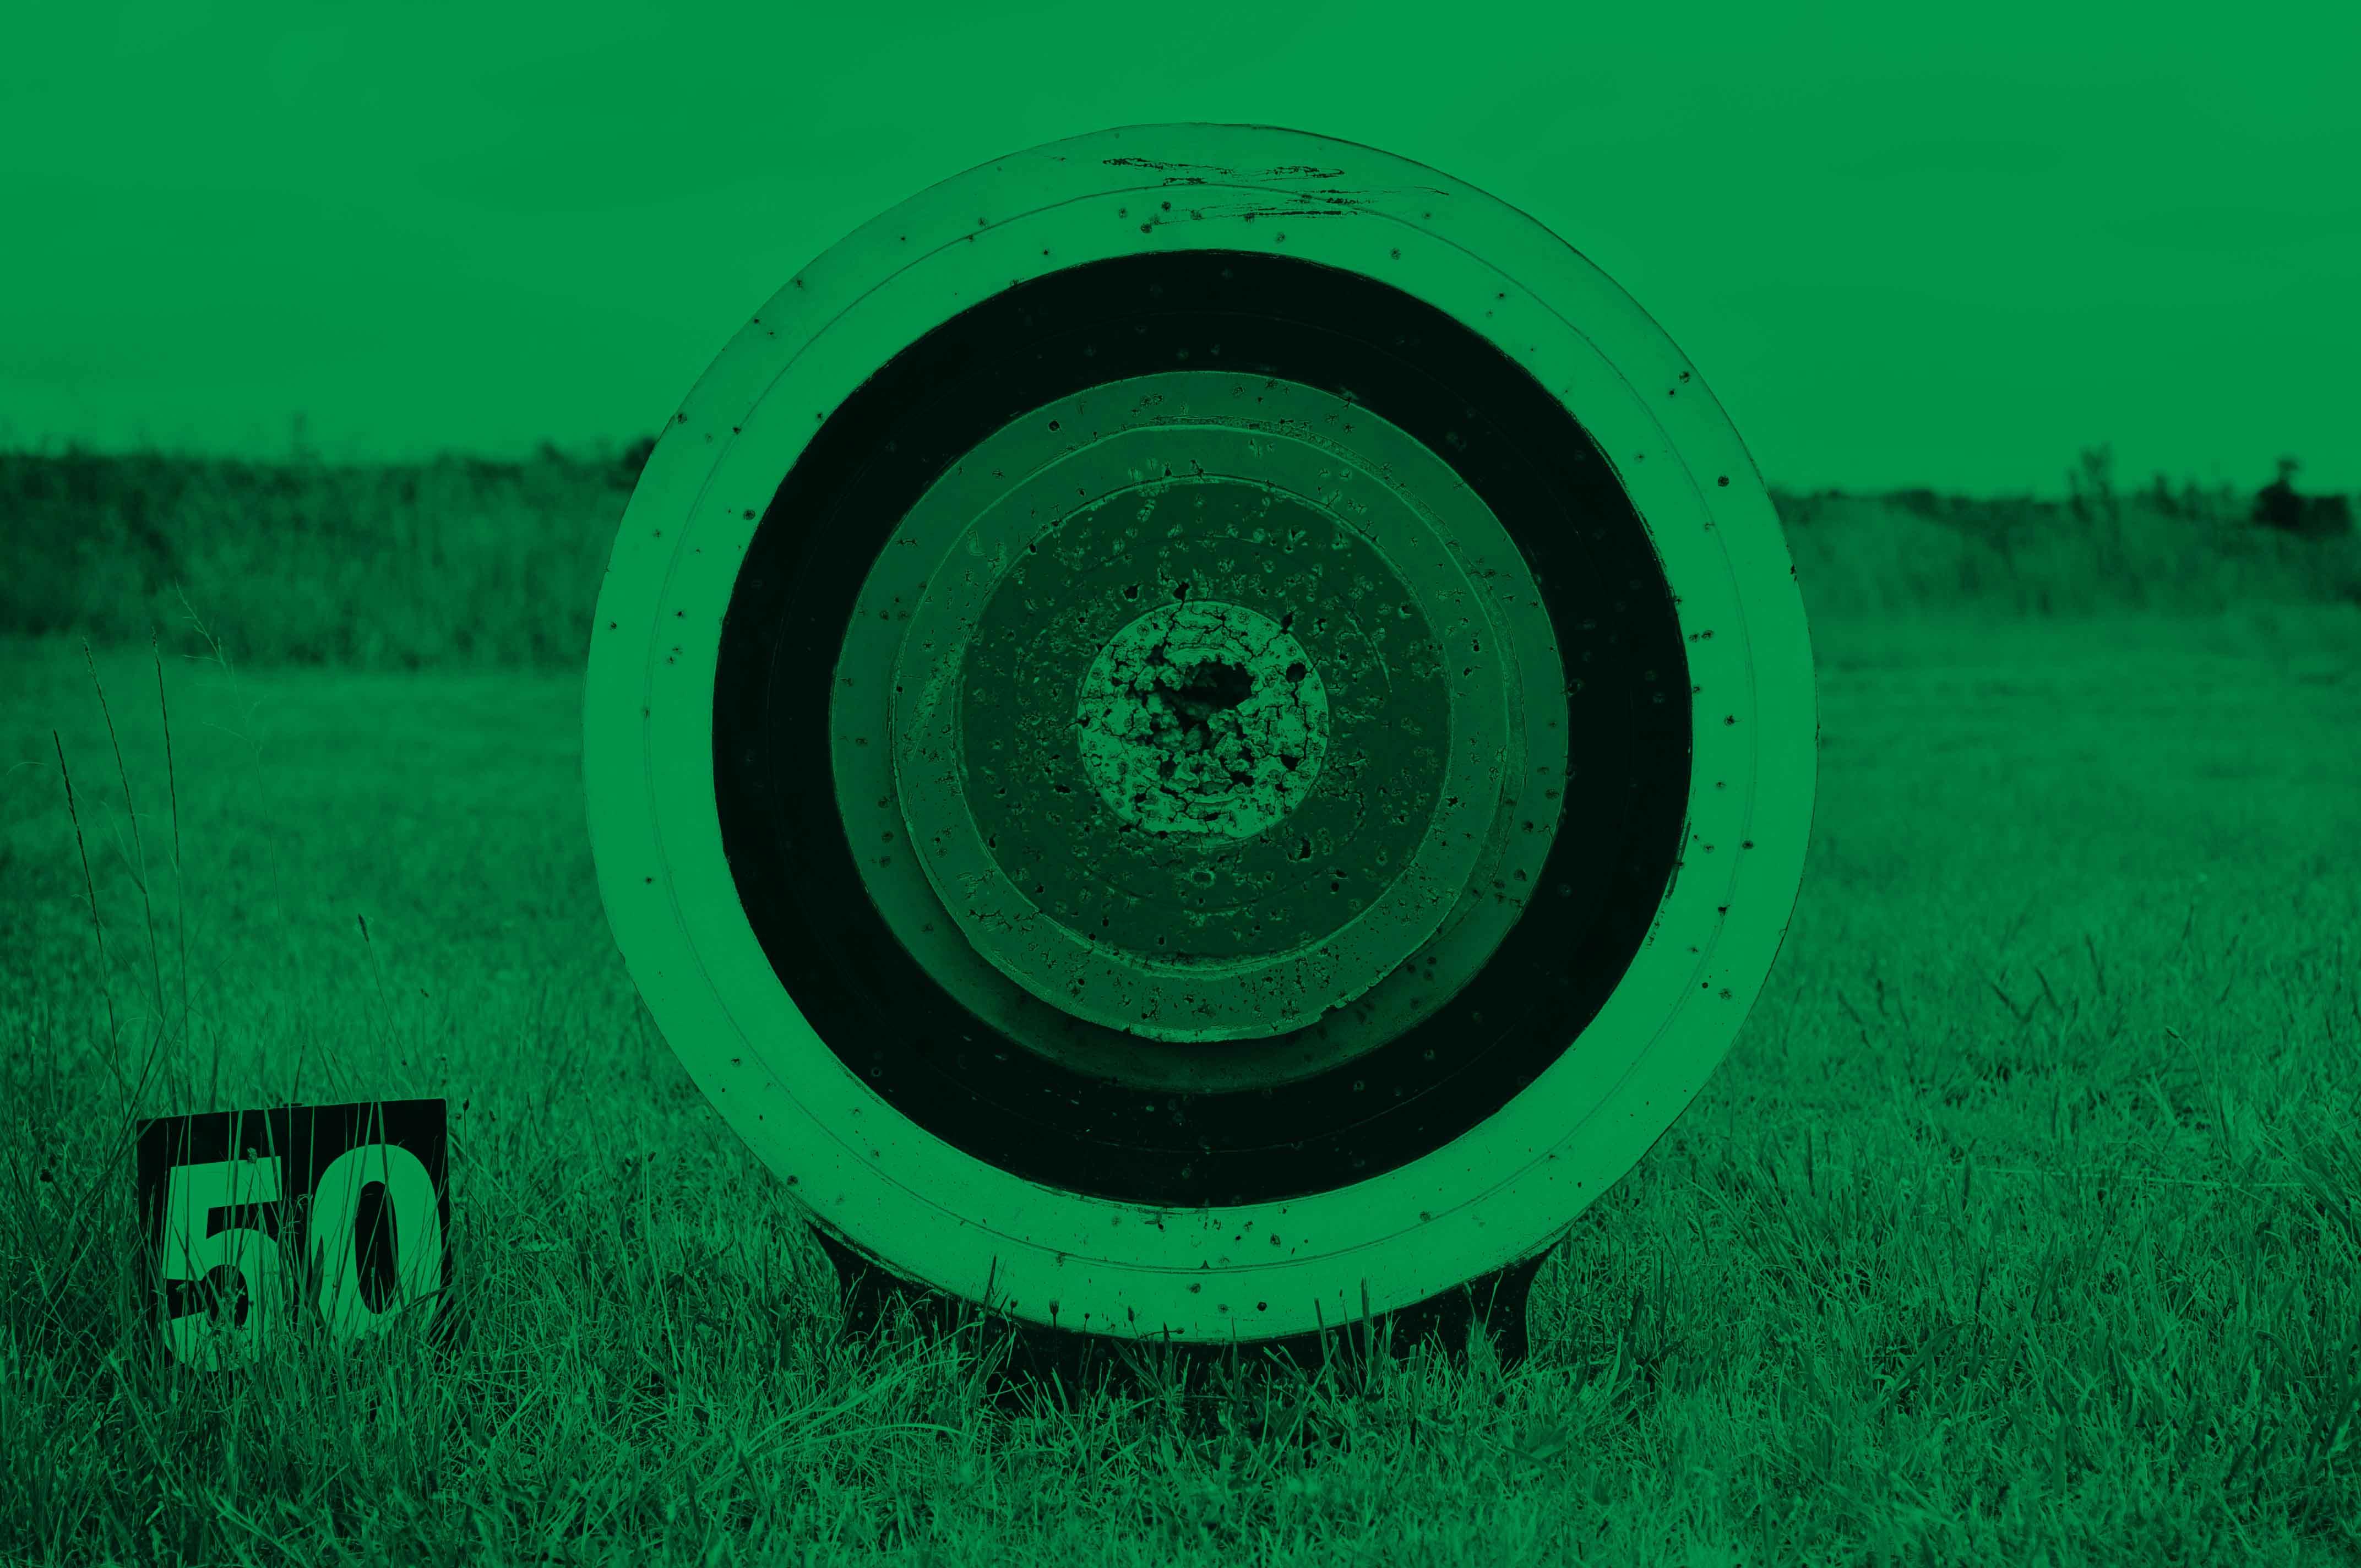 Target_in_Field_green.jpg